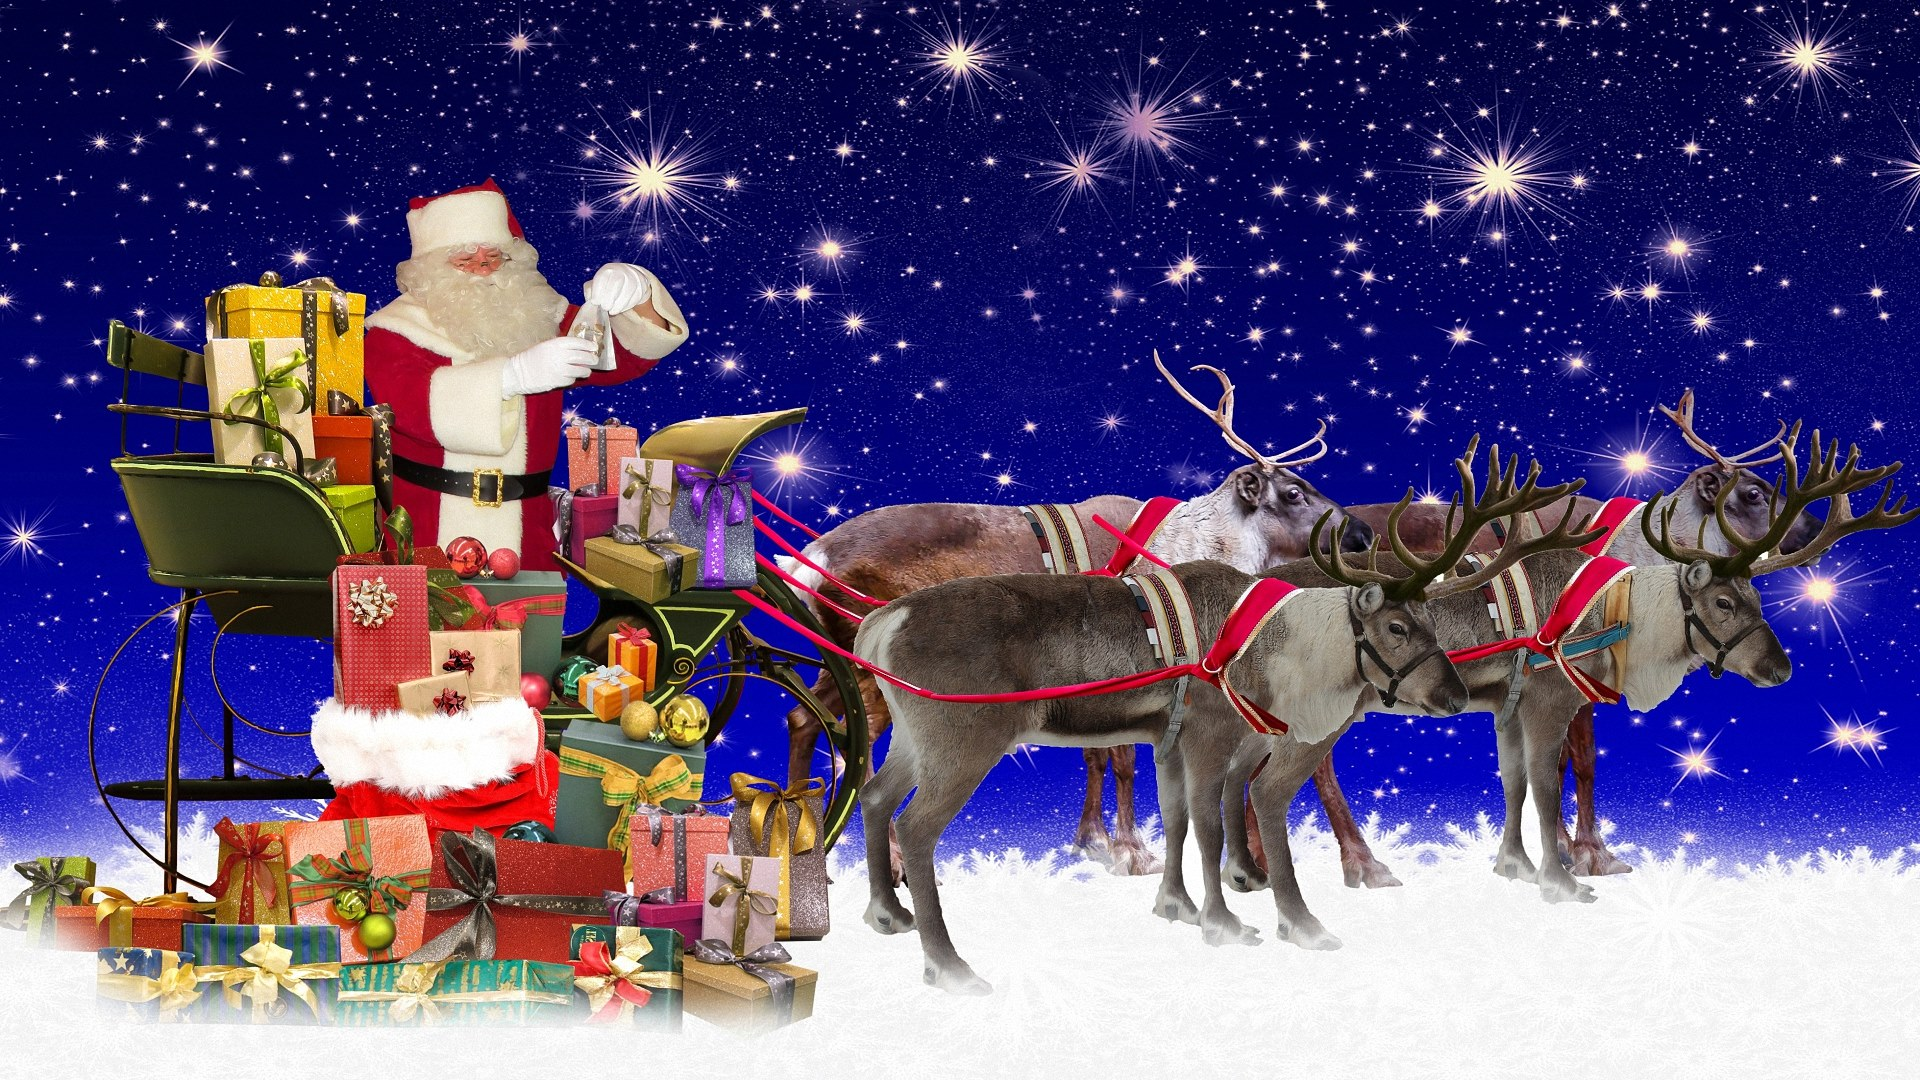 Desktop kostenlos weihnachten hintergrundbilder Weihnachten Weihnachten